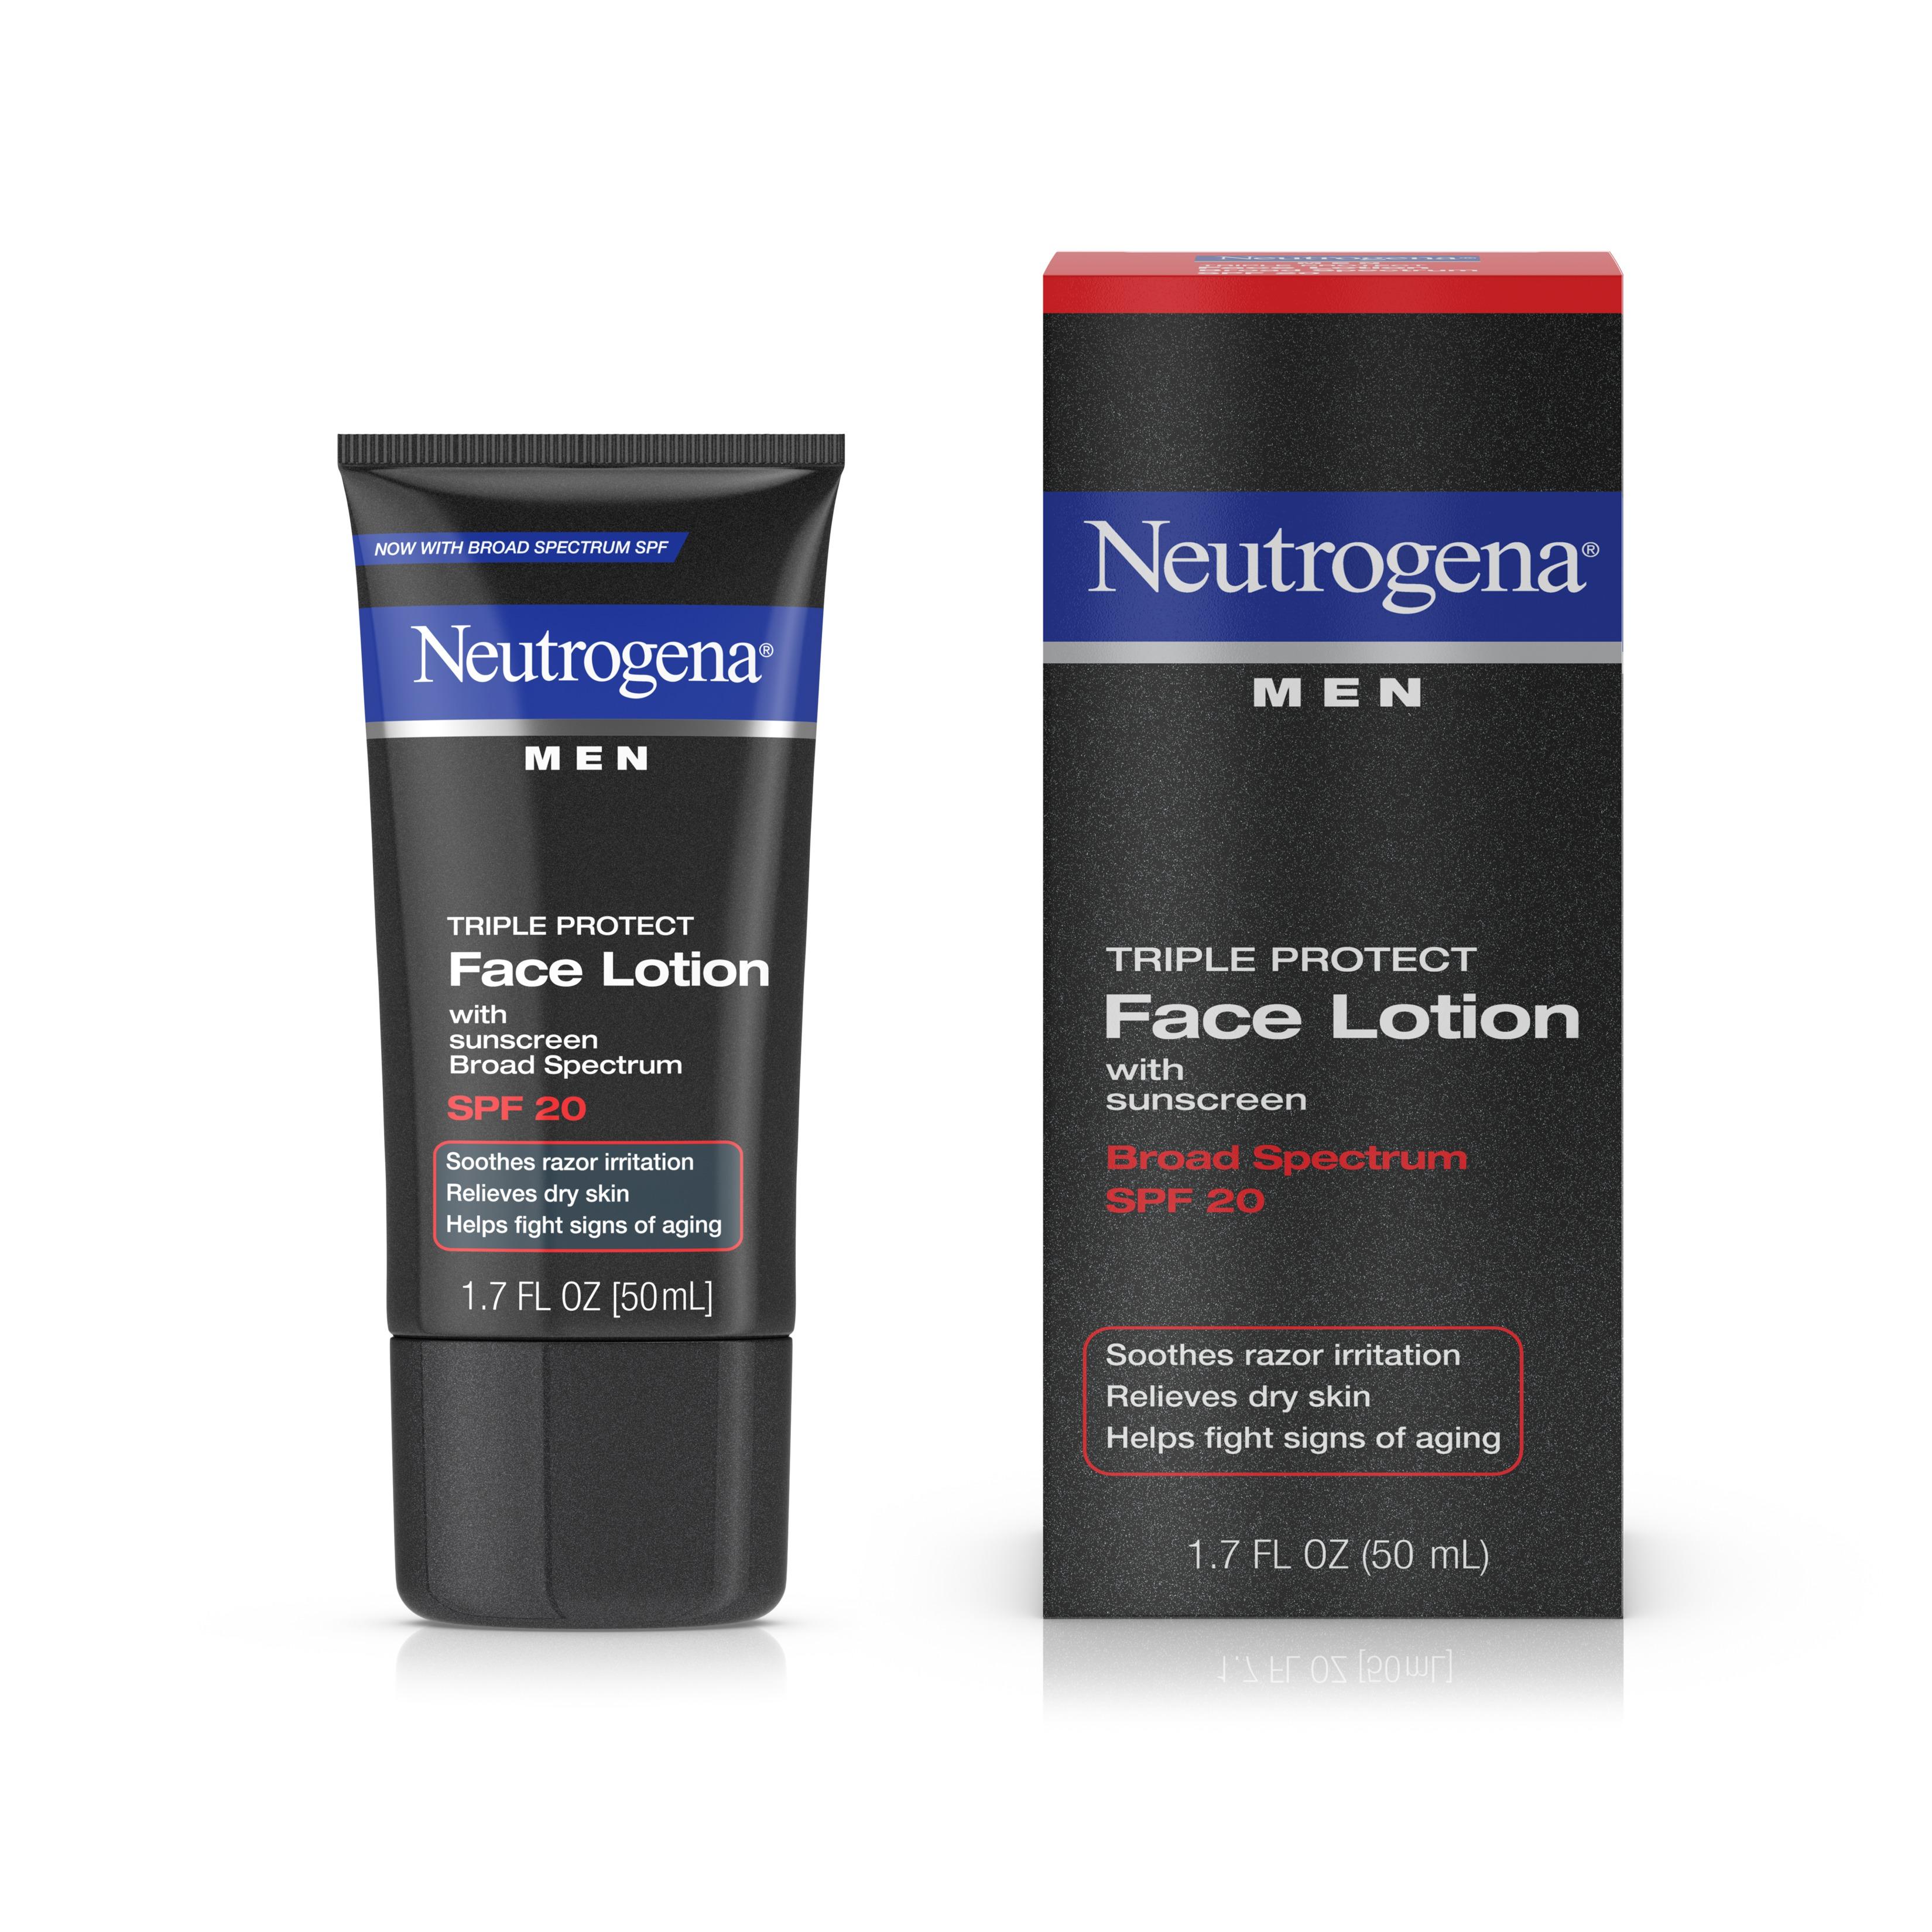 Neutrogena Triple Protect Men's Face Lotion, SPF 20, 1.7 fl. oz